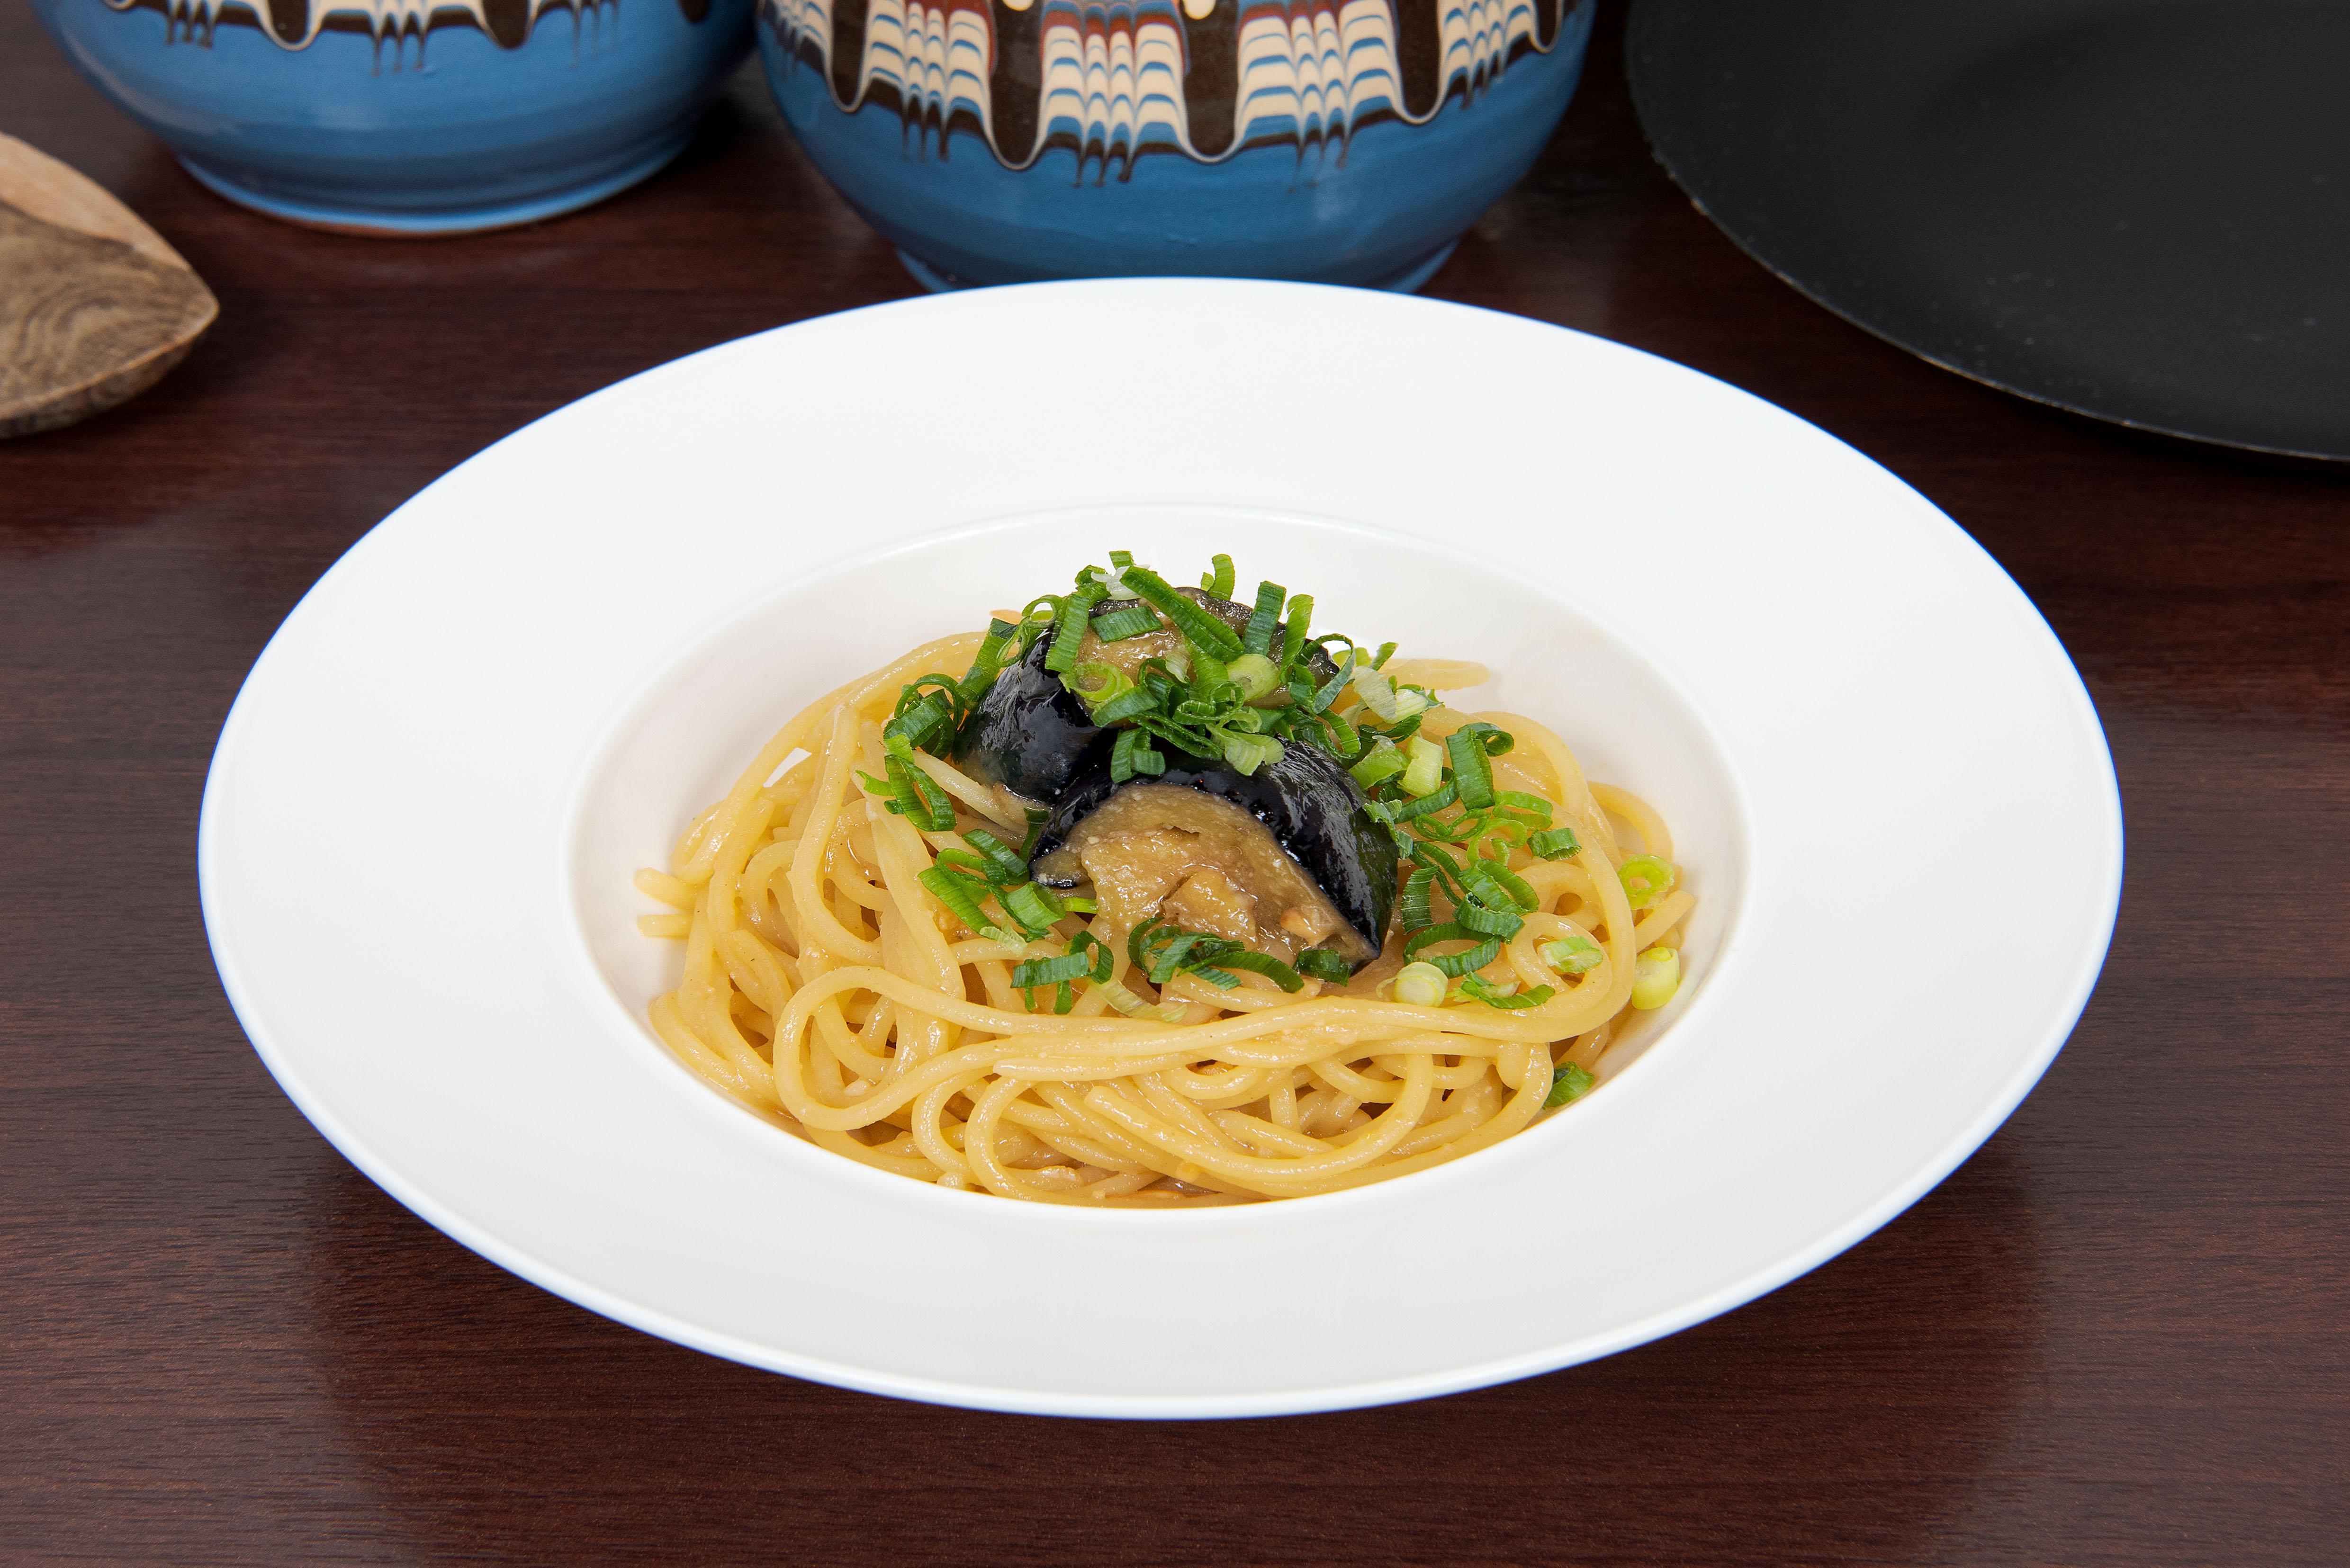 茄子のネギ味噌パスタpage-visual 茄子のネギ味噌パスタビジュアル